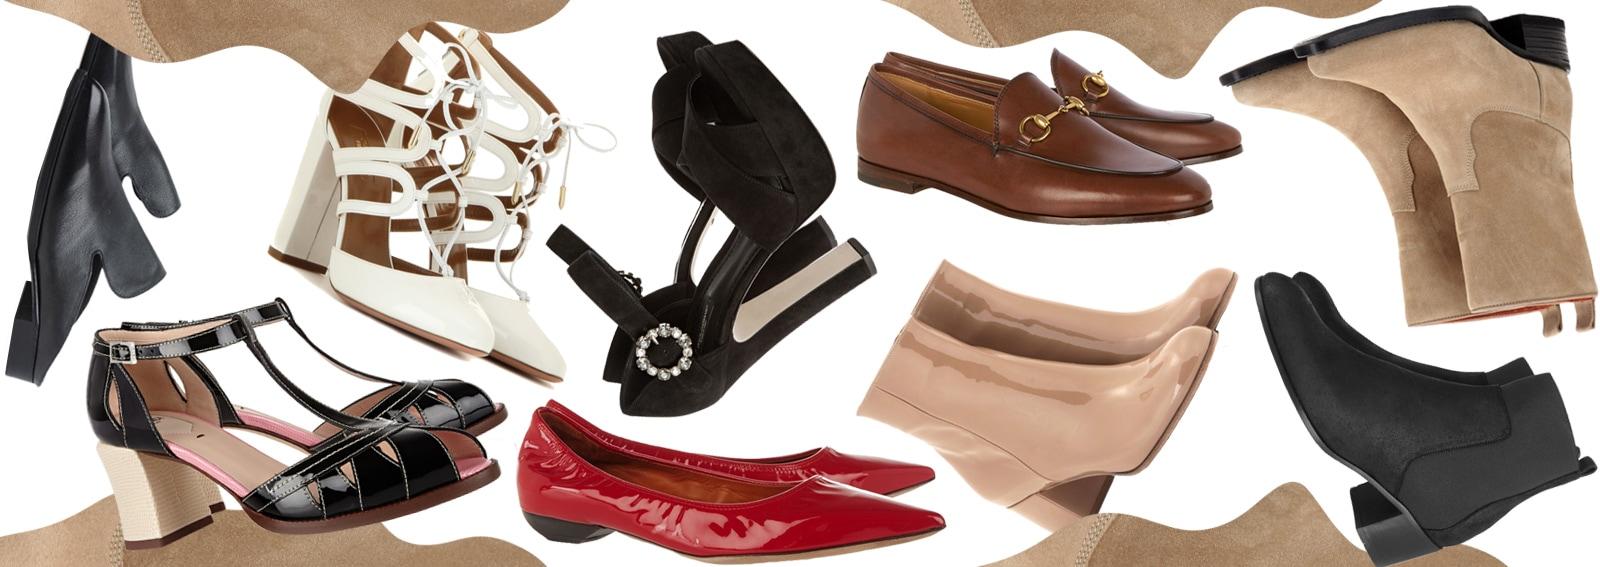 cover 10 scarpe acquistare 2016 desktop